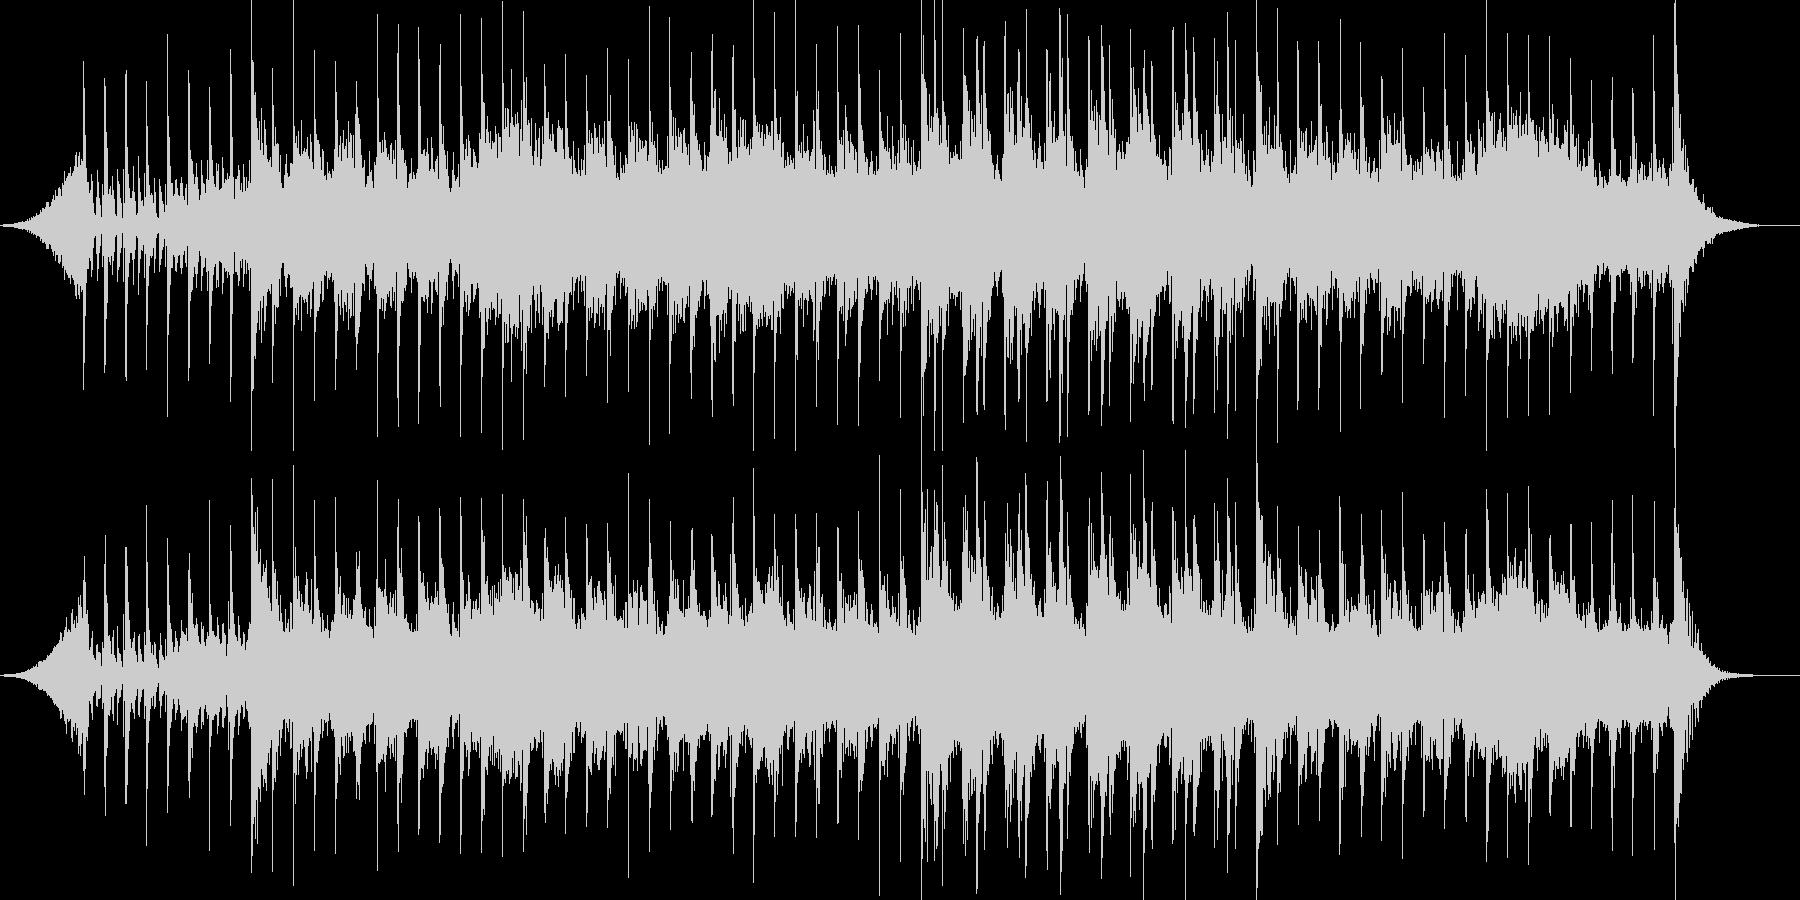 映画音楽、荘厳重厚、映像向け-01の未再生の波形